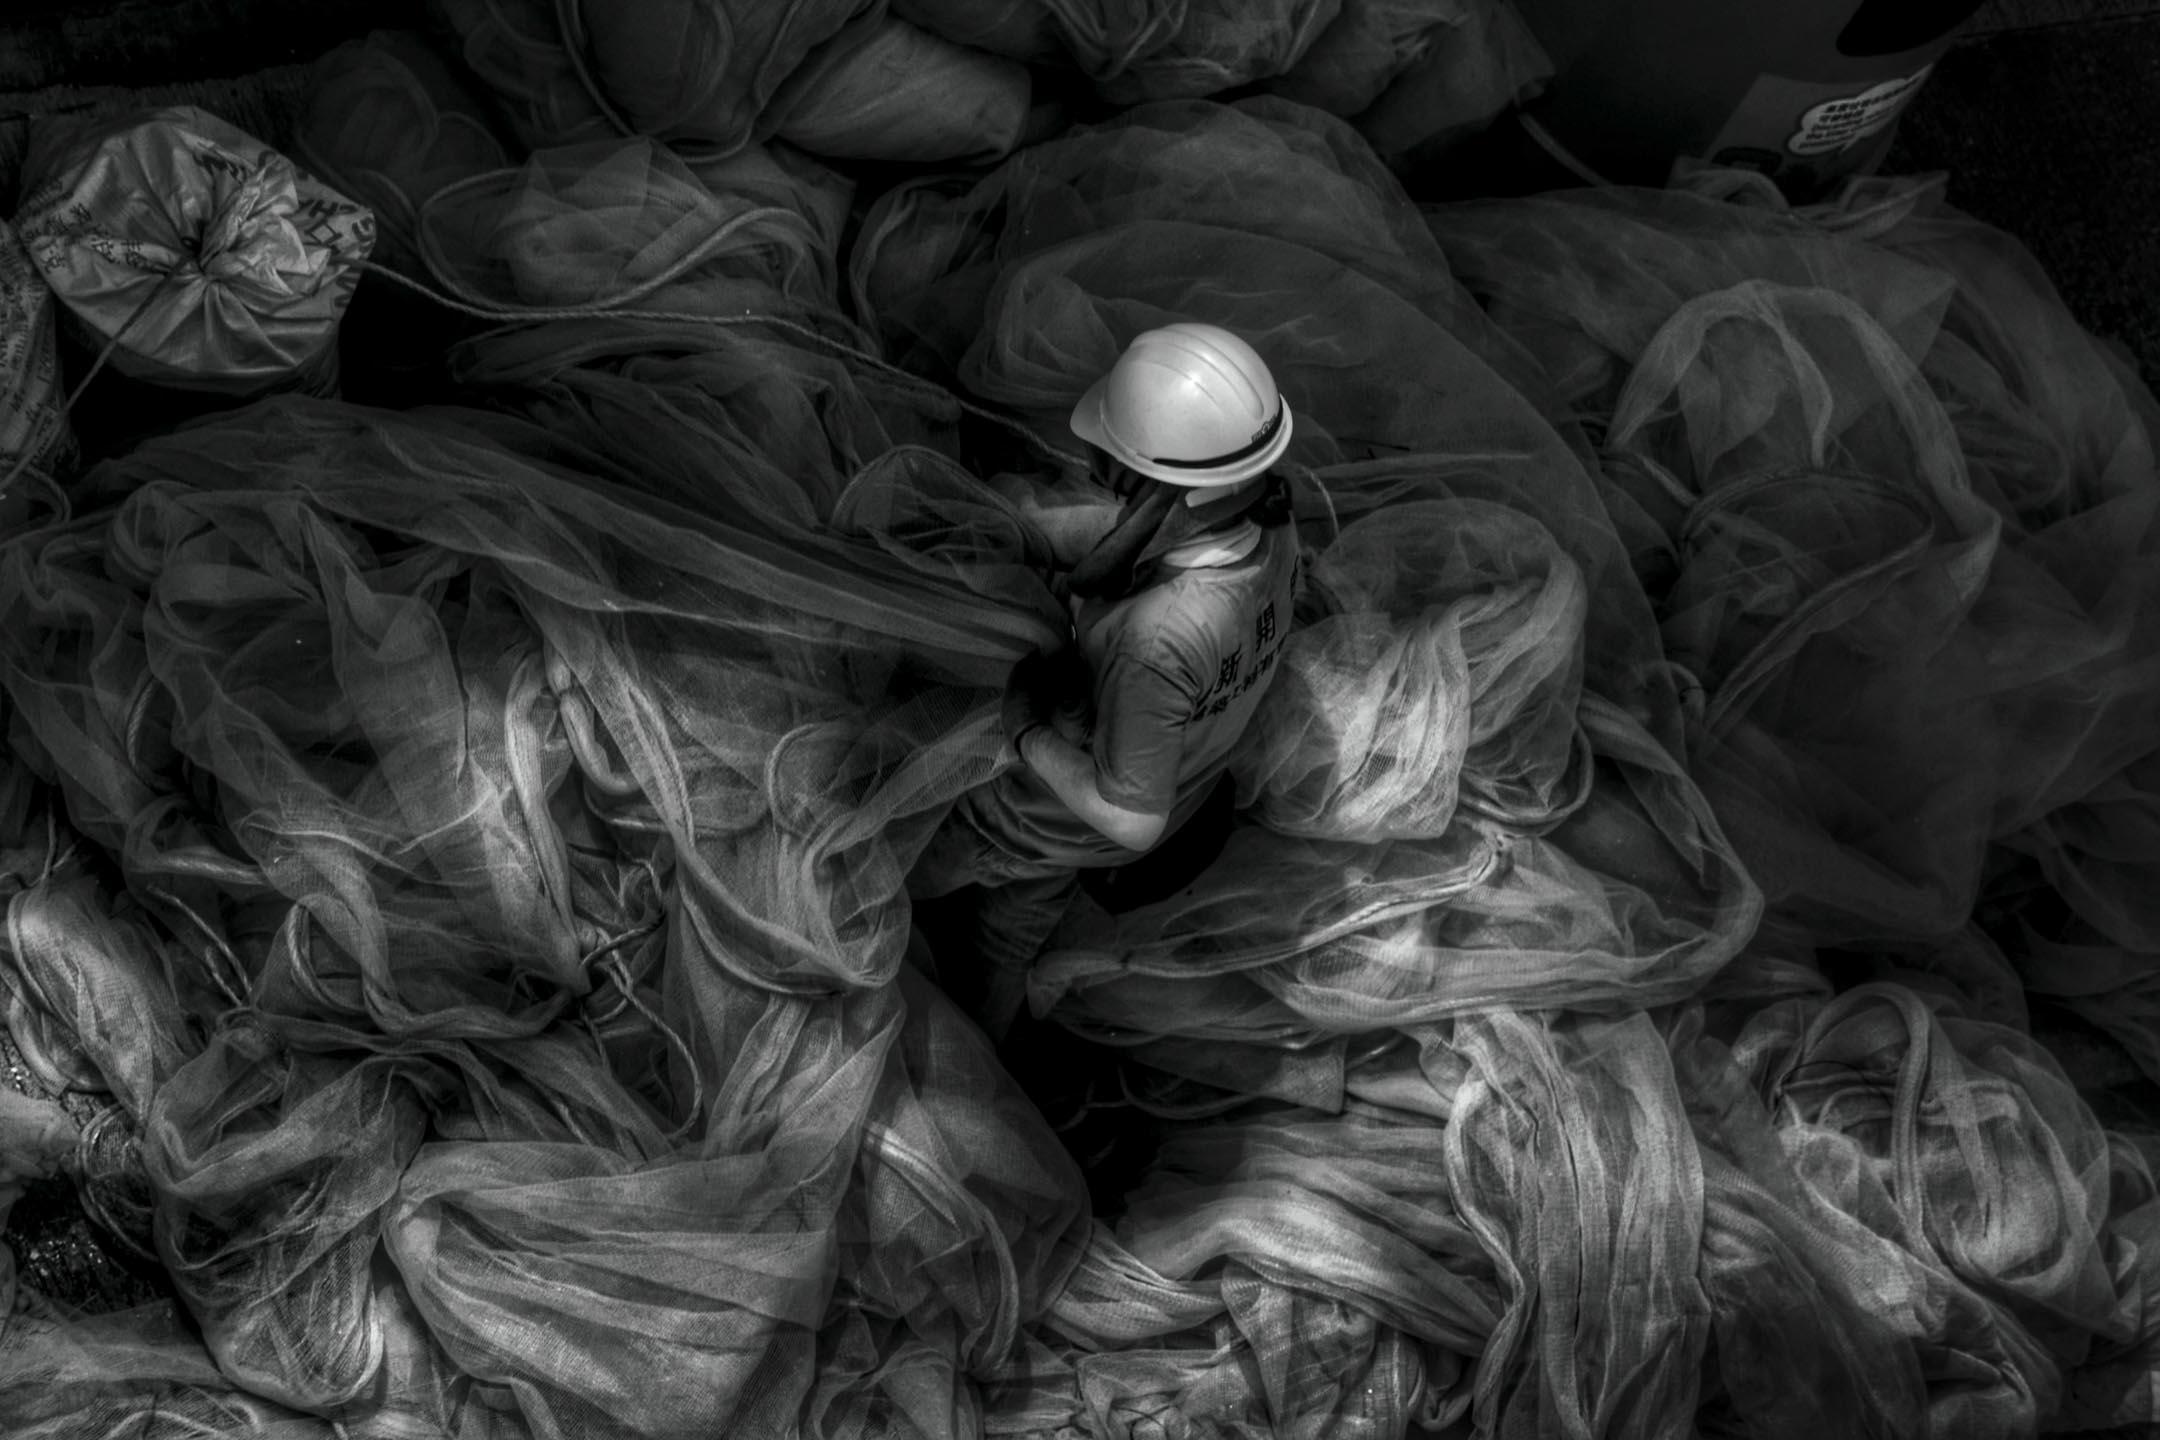 《奉獻》Sacrifice,炎夏、汗水、安全網與工人;每一刻,默默勞力的人,付出有許多。Joan Pabona於僱主八樓的家中望向窗外,捕捉到這一刻。此作品獲「2017年國家地理會德豐青年攝影大賽」「香港人和事」組別第二名。 攝影:Joan Pabona